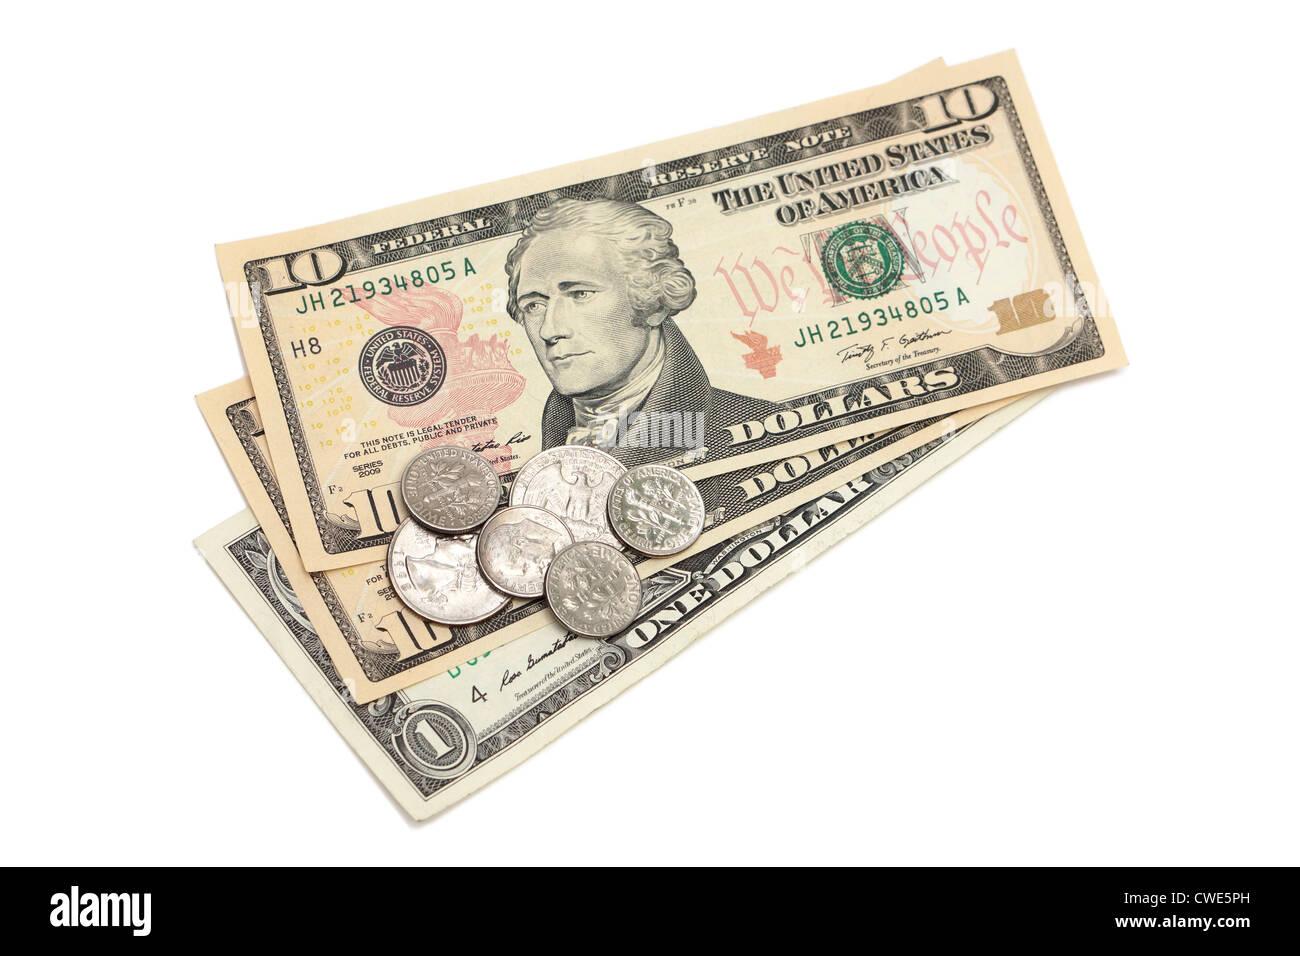 Billets d'un dollar US, monnaie, billets de banque Photo Stock